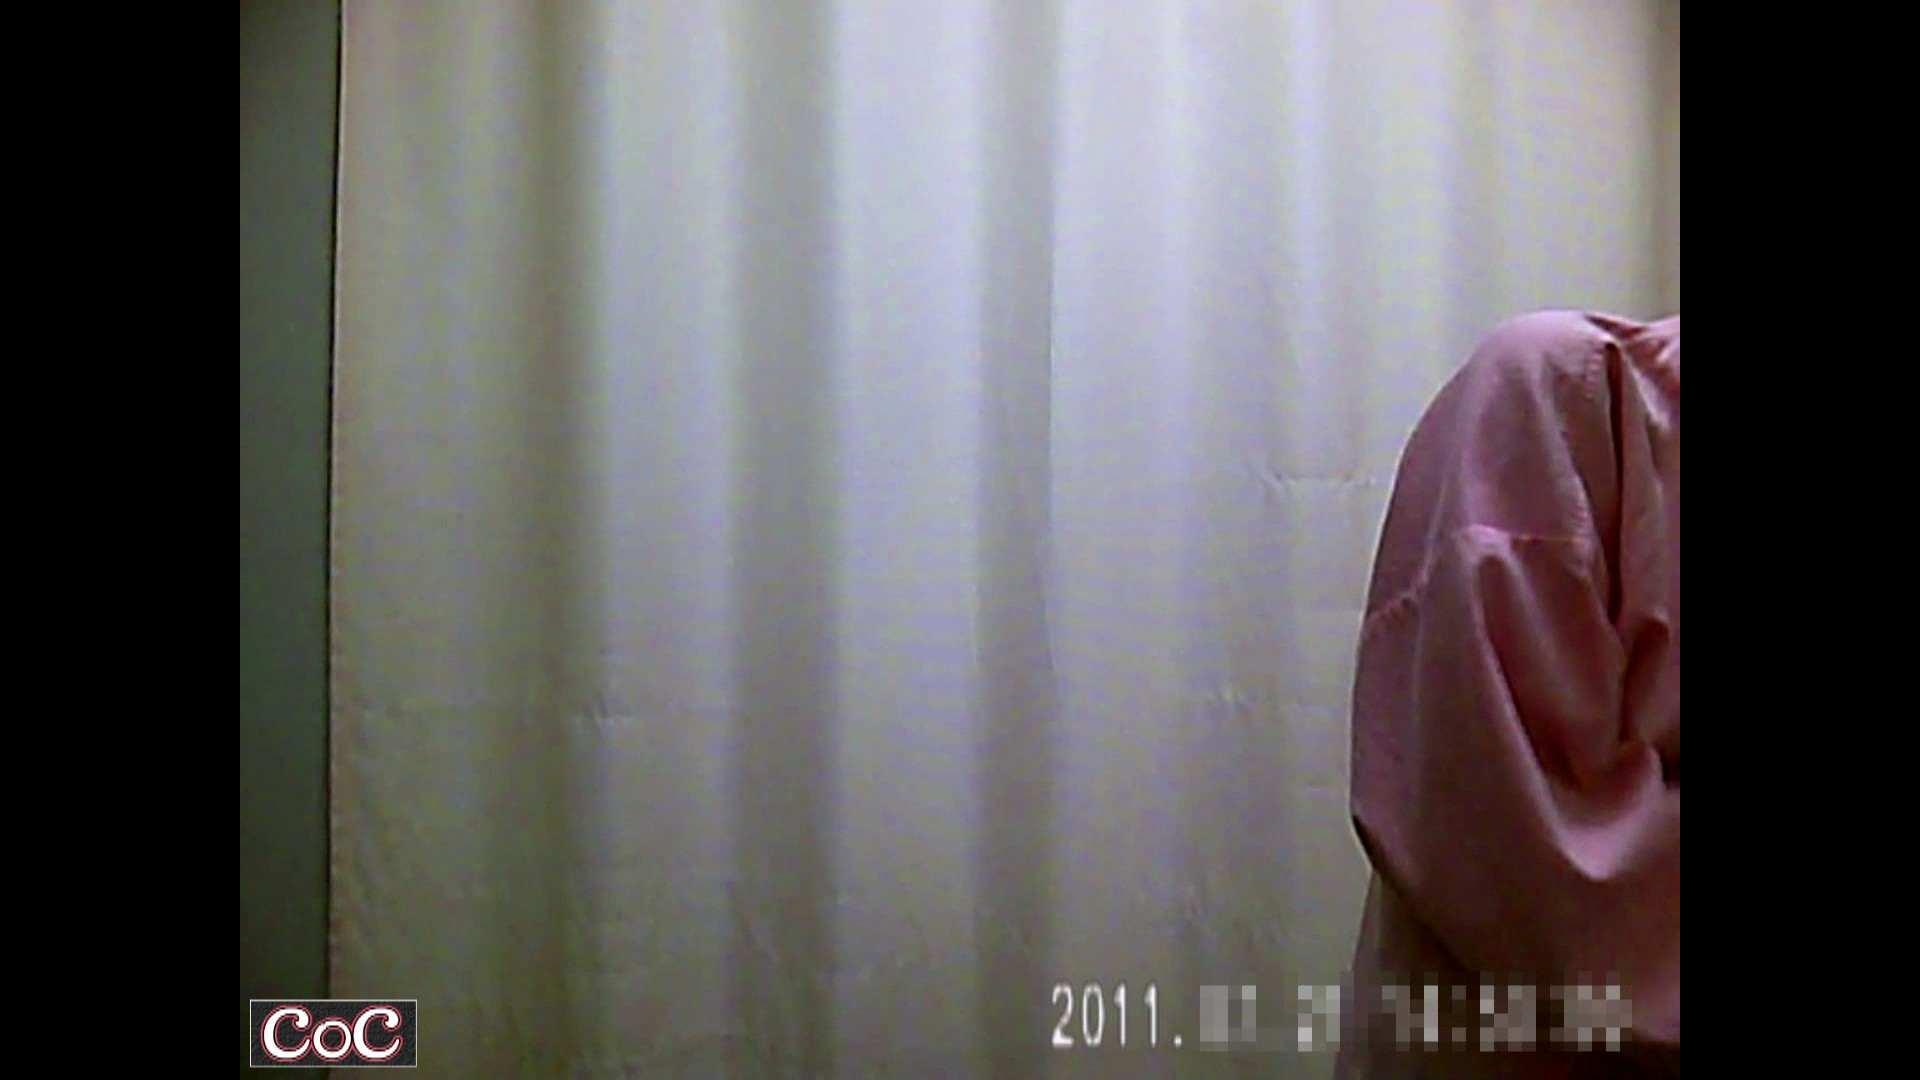 病院おもいっきり着替え! vol.04 OLの実態 盗み撮りSEX無修正画像 84pic 9